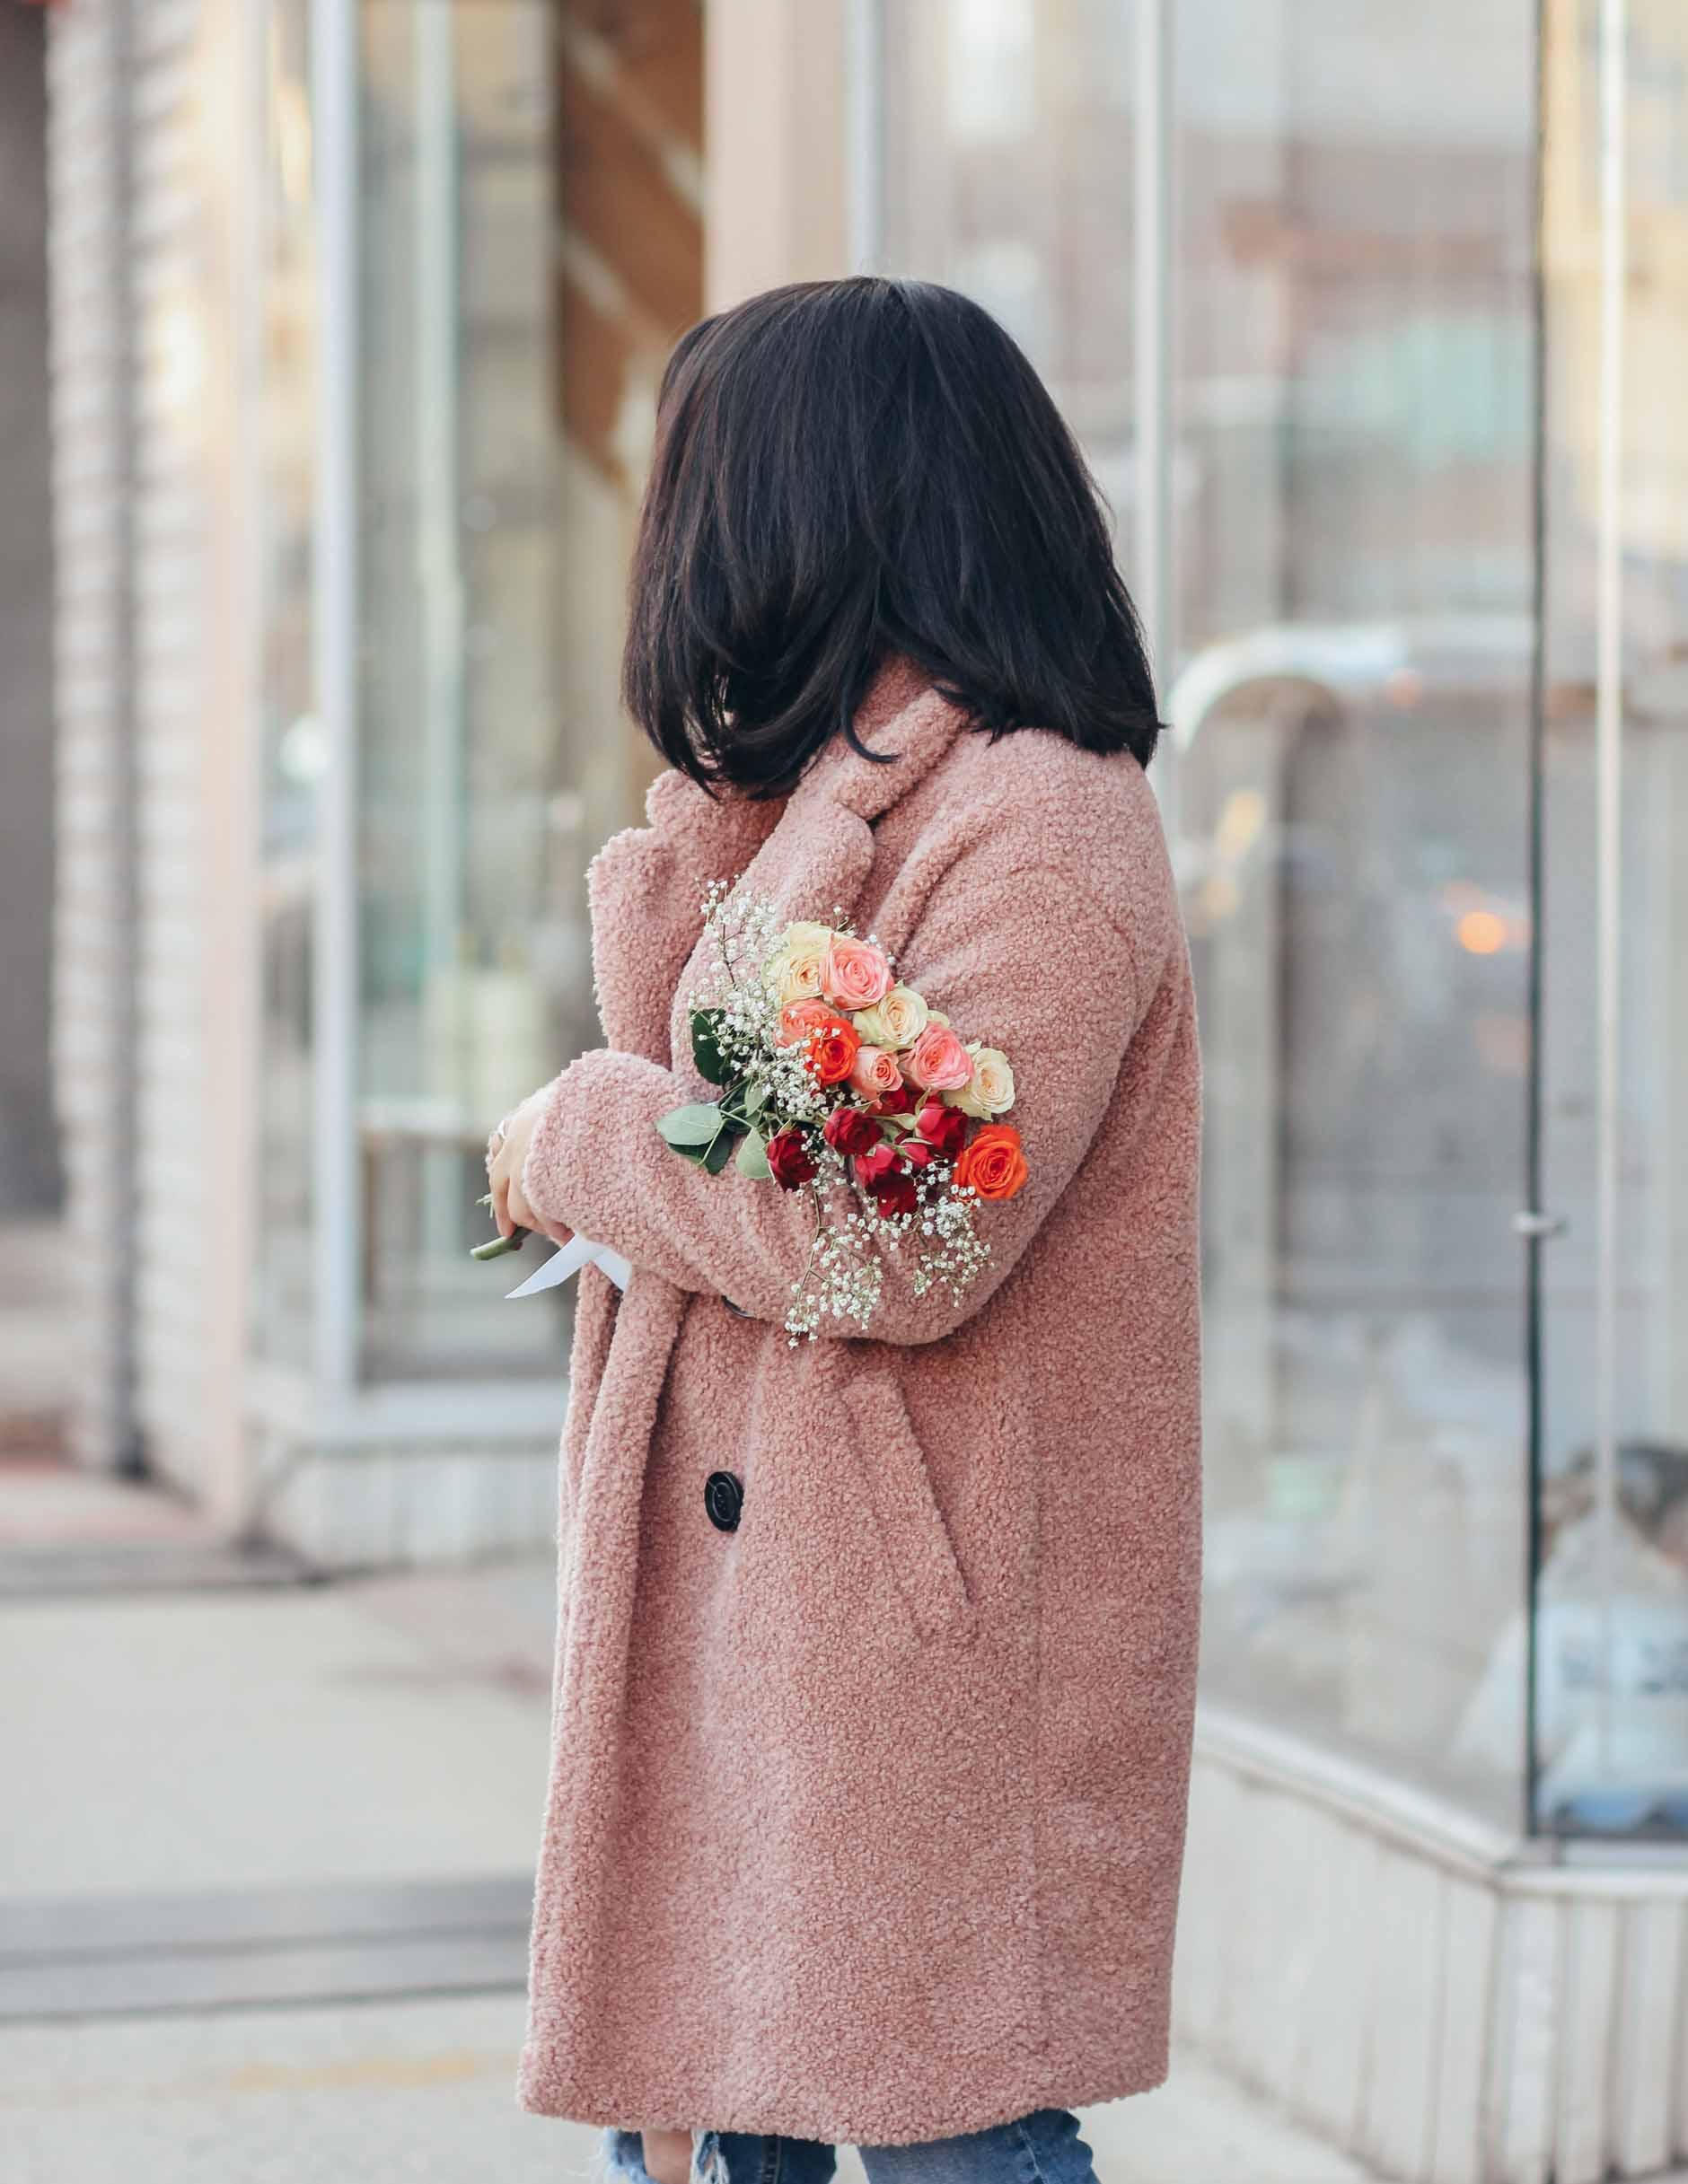 lifestyle blogger naty michele holding roses